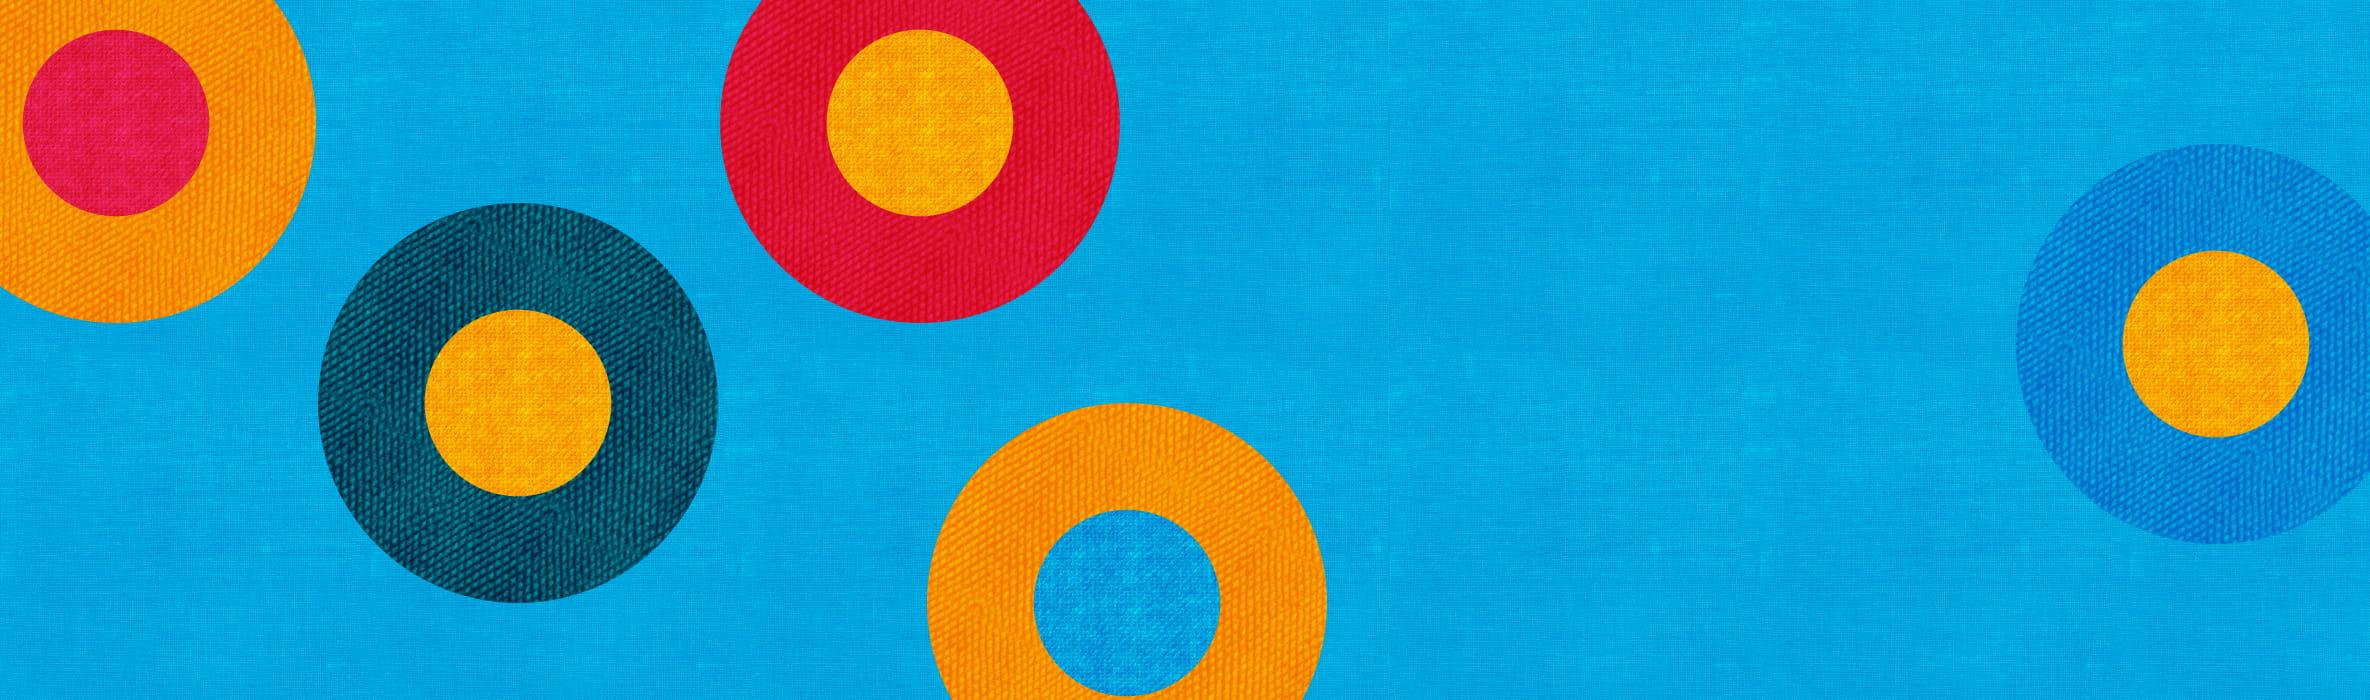 Cerchi multicolore su sfondo blu